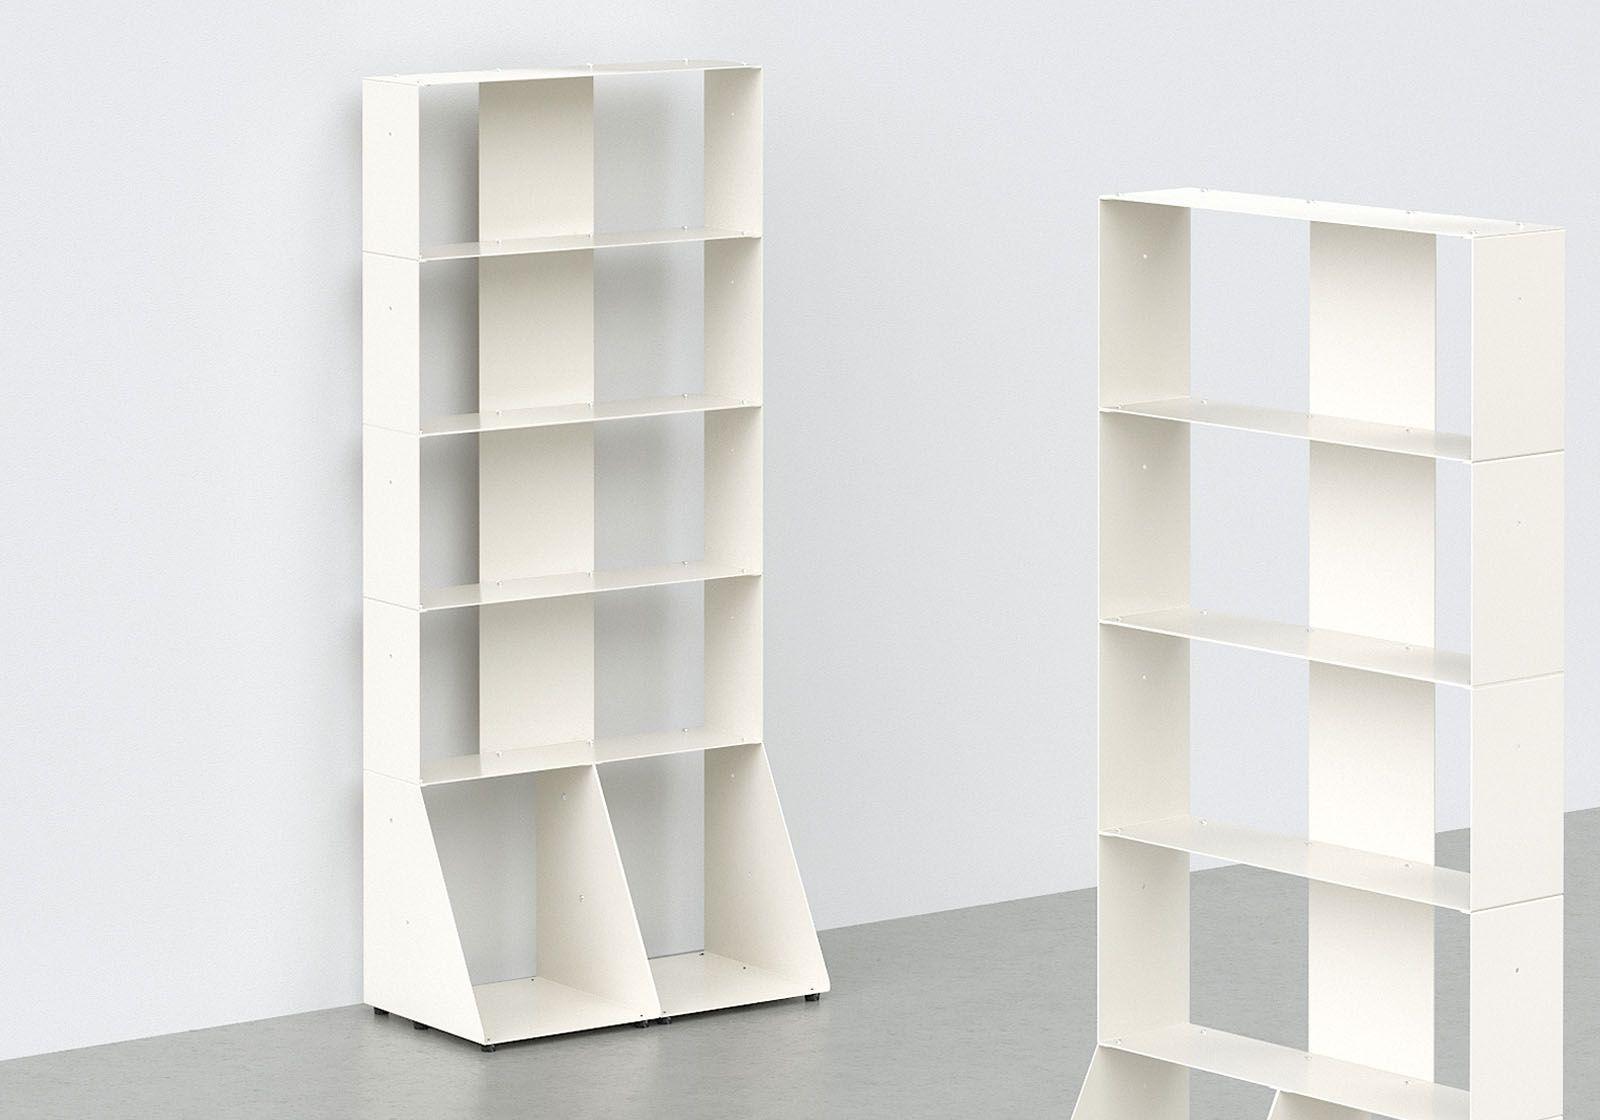 meuble biblioth que 60 cm m tal blanc 5 niveaux. Black Bedroom Furniture Sets. Home Design Ideas